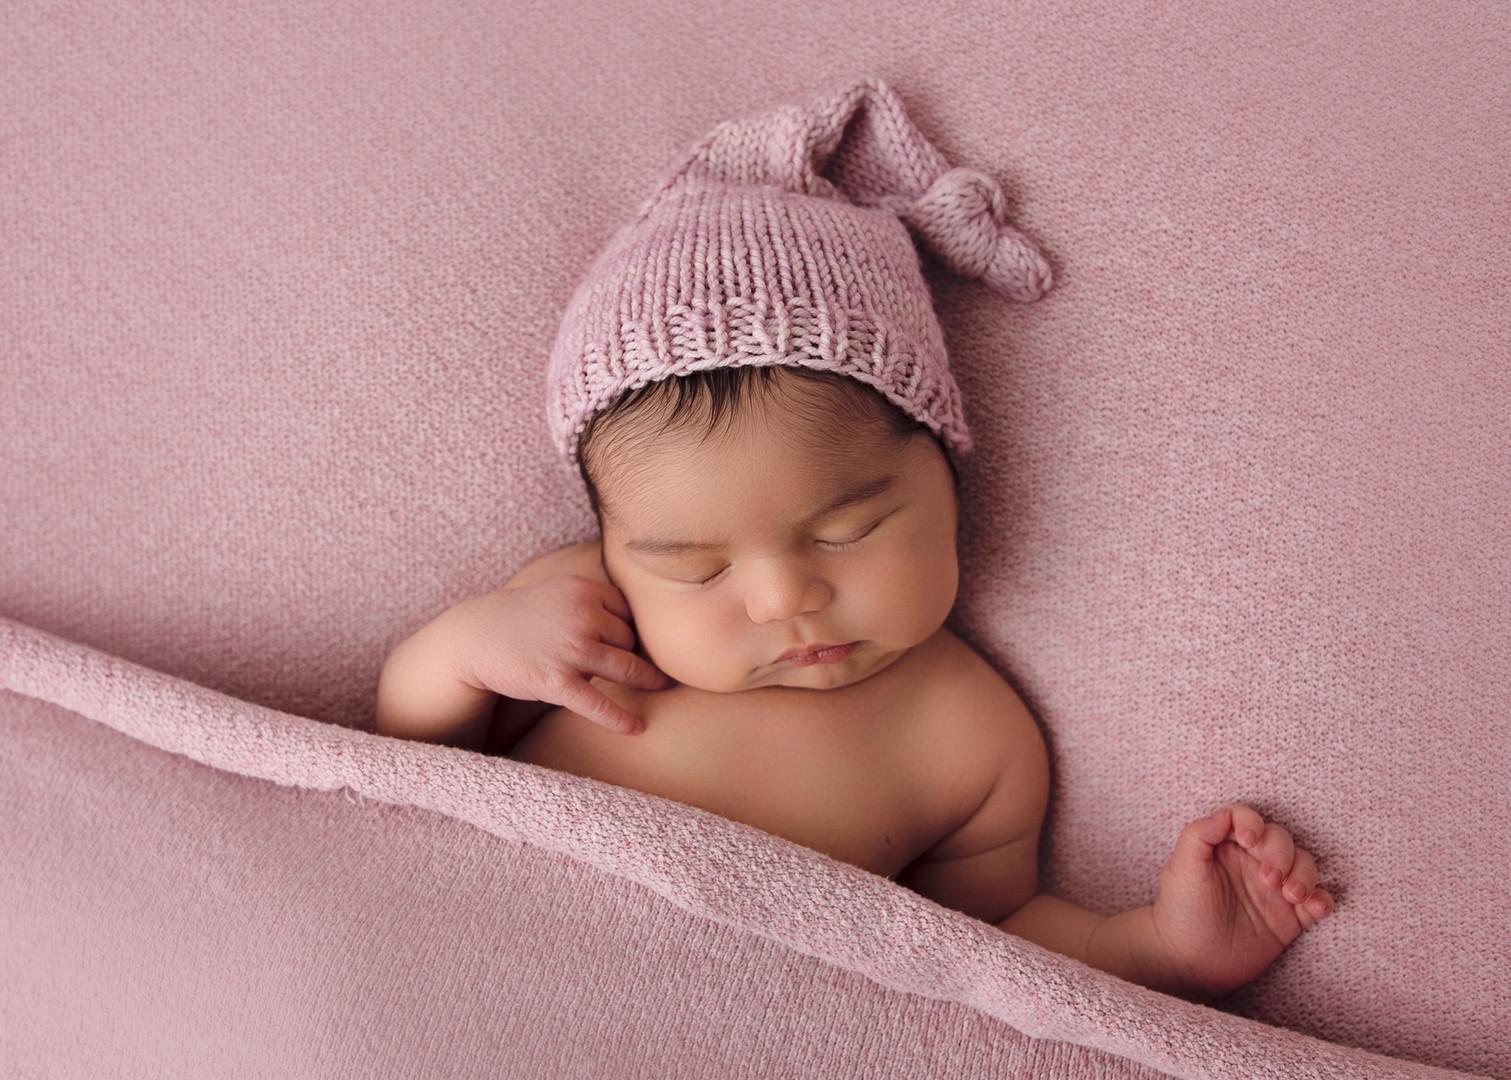 Maine_Newborn_Photographer-34.jpg